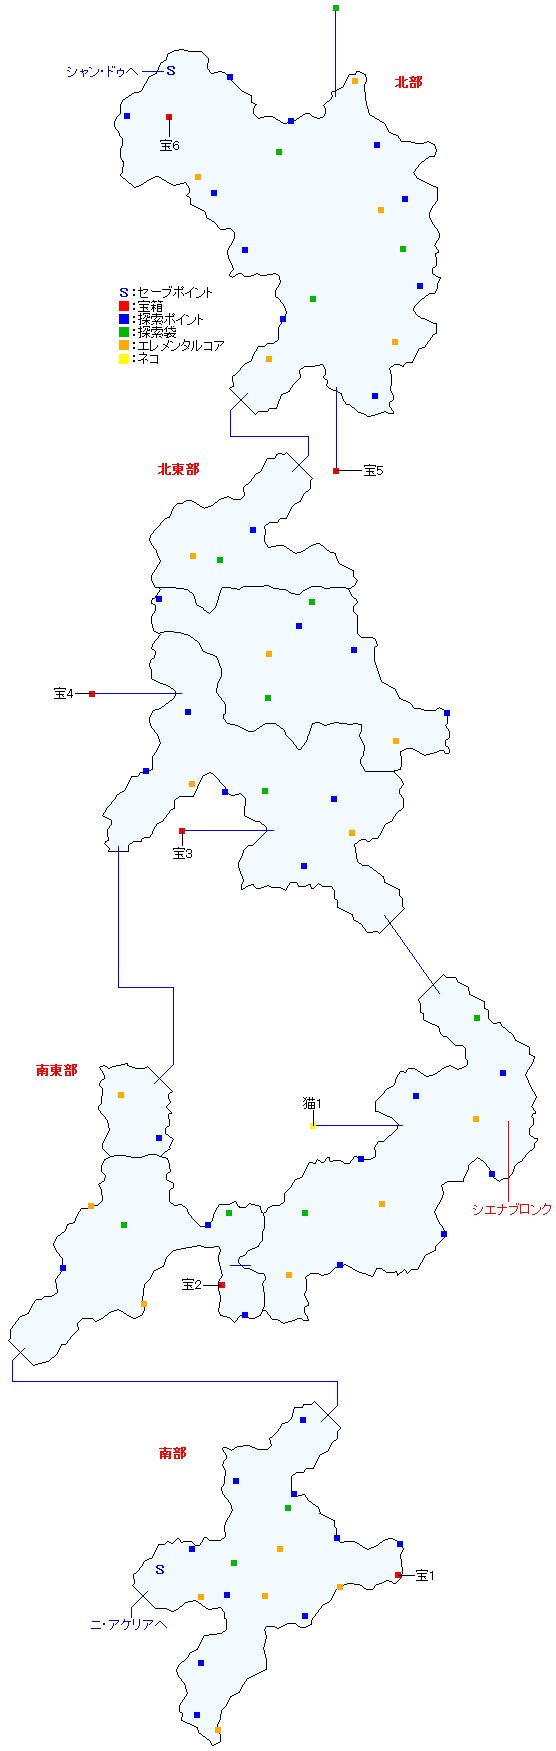 マップ画像・ソグド湿道